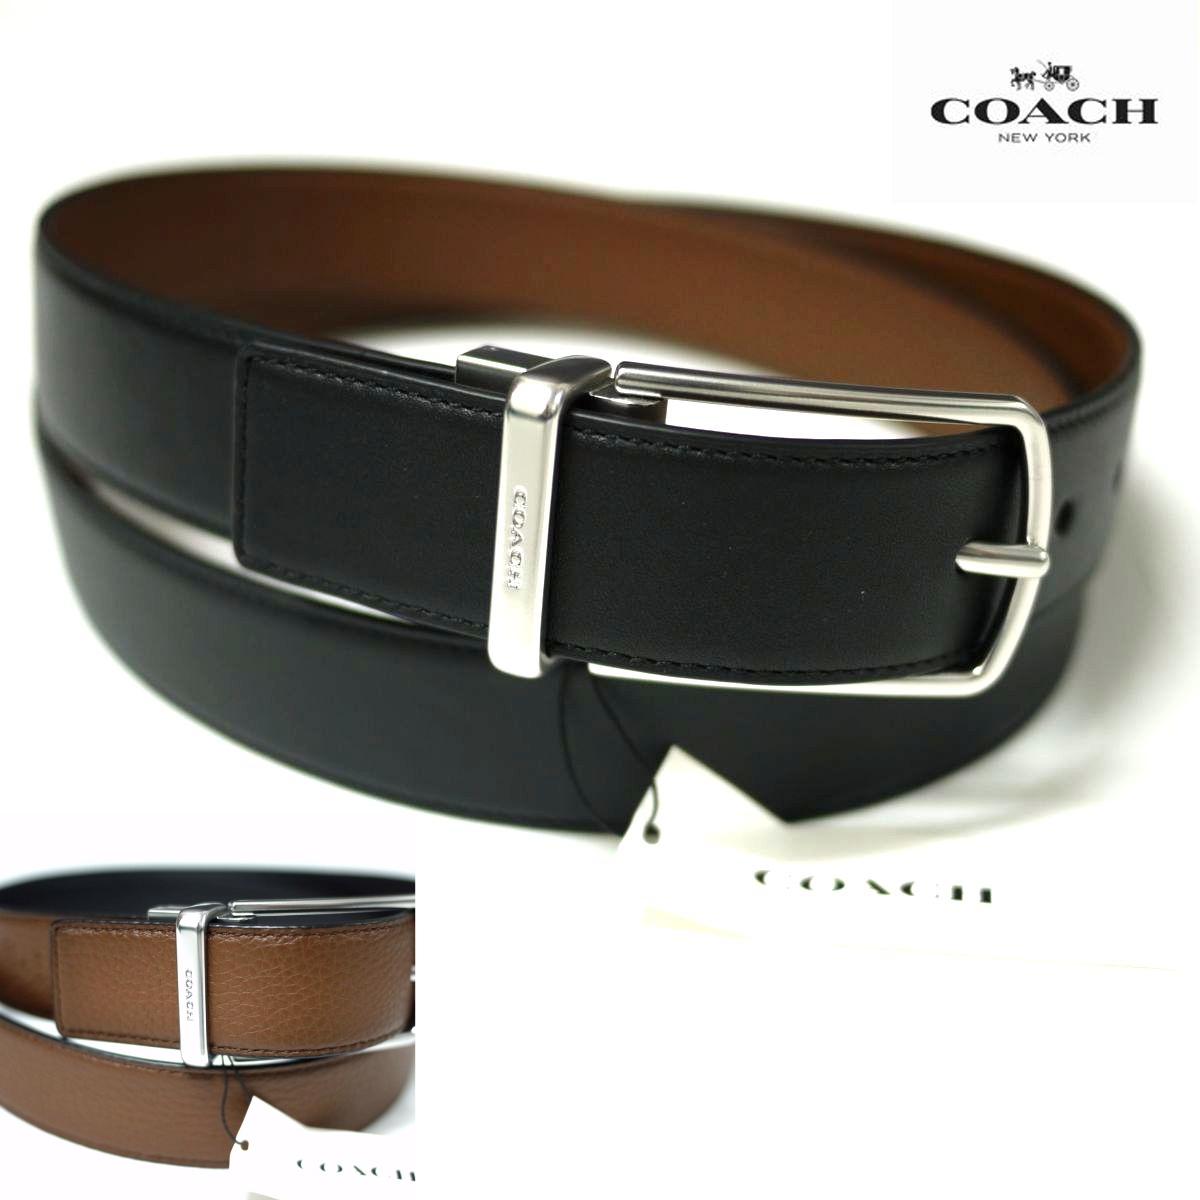 新品COACH コーチ リバーシブル ベルト (ブラック・スムースレザー/ブラウン・ぺブルレザー) サイズ調整可能 メンズ /j2